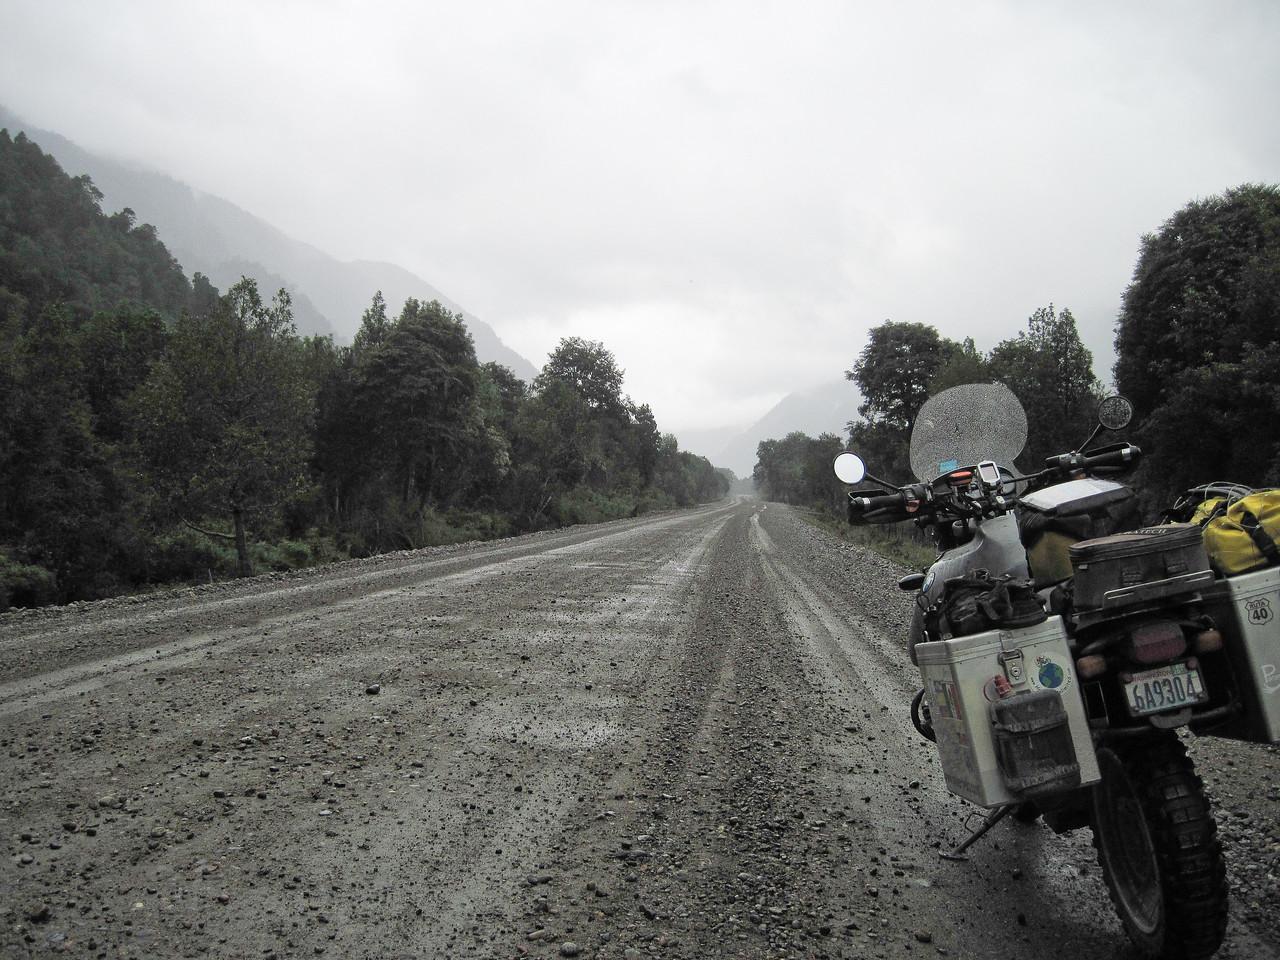 Carretera Austral Road